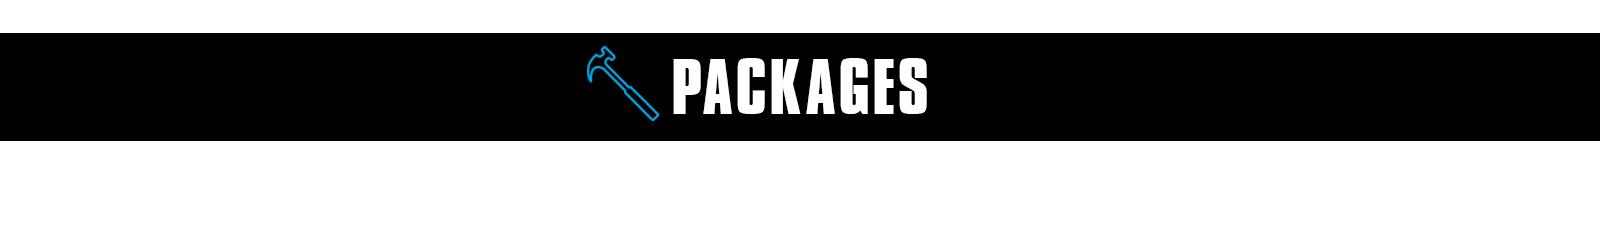 SLIDER-TFG-packages-1-1